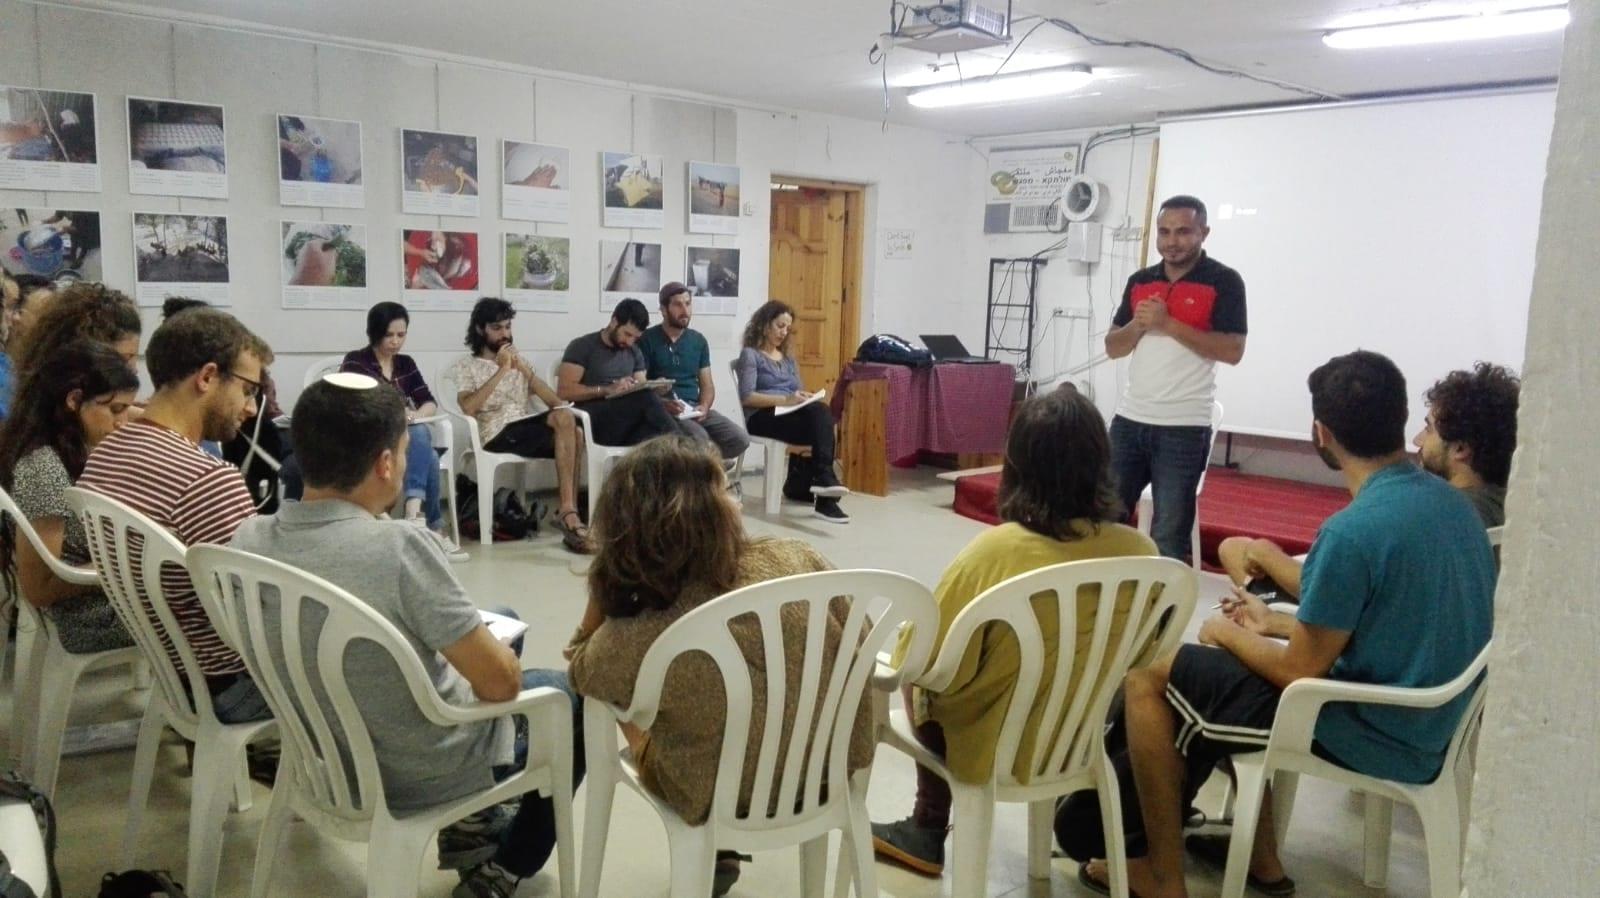 פתיחת-קורס-ערבית-נובמבר-2019-צילום-מאיה